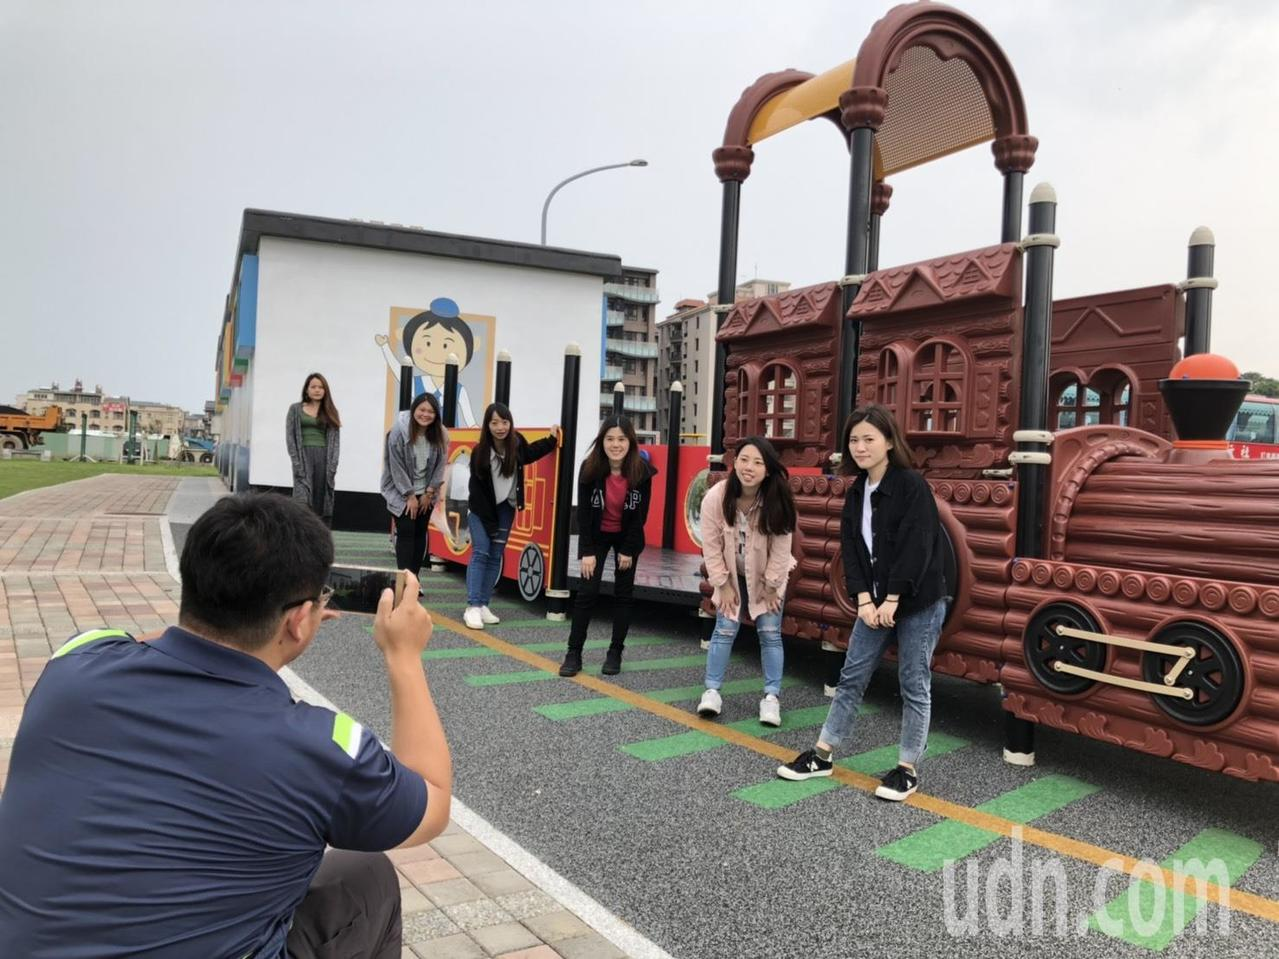 位於山外重劃區的「火車卡通風」兒童公園公廁最近經過改造,意外爆紅,不少人都到場拍...